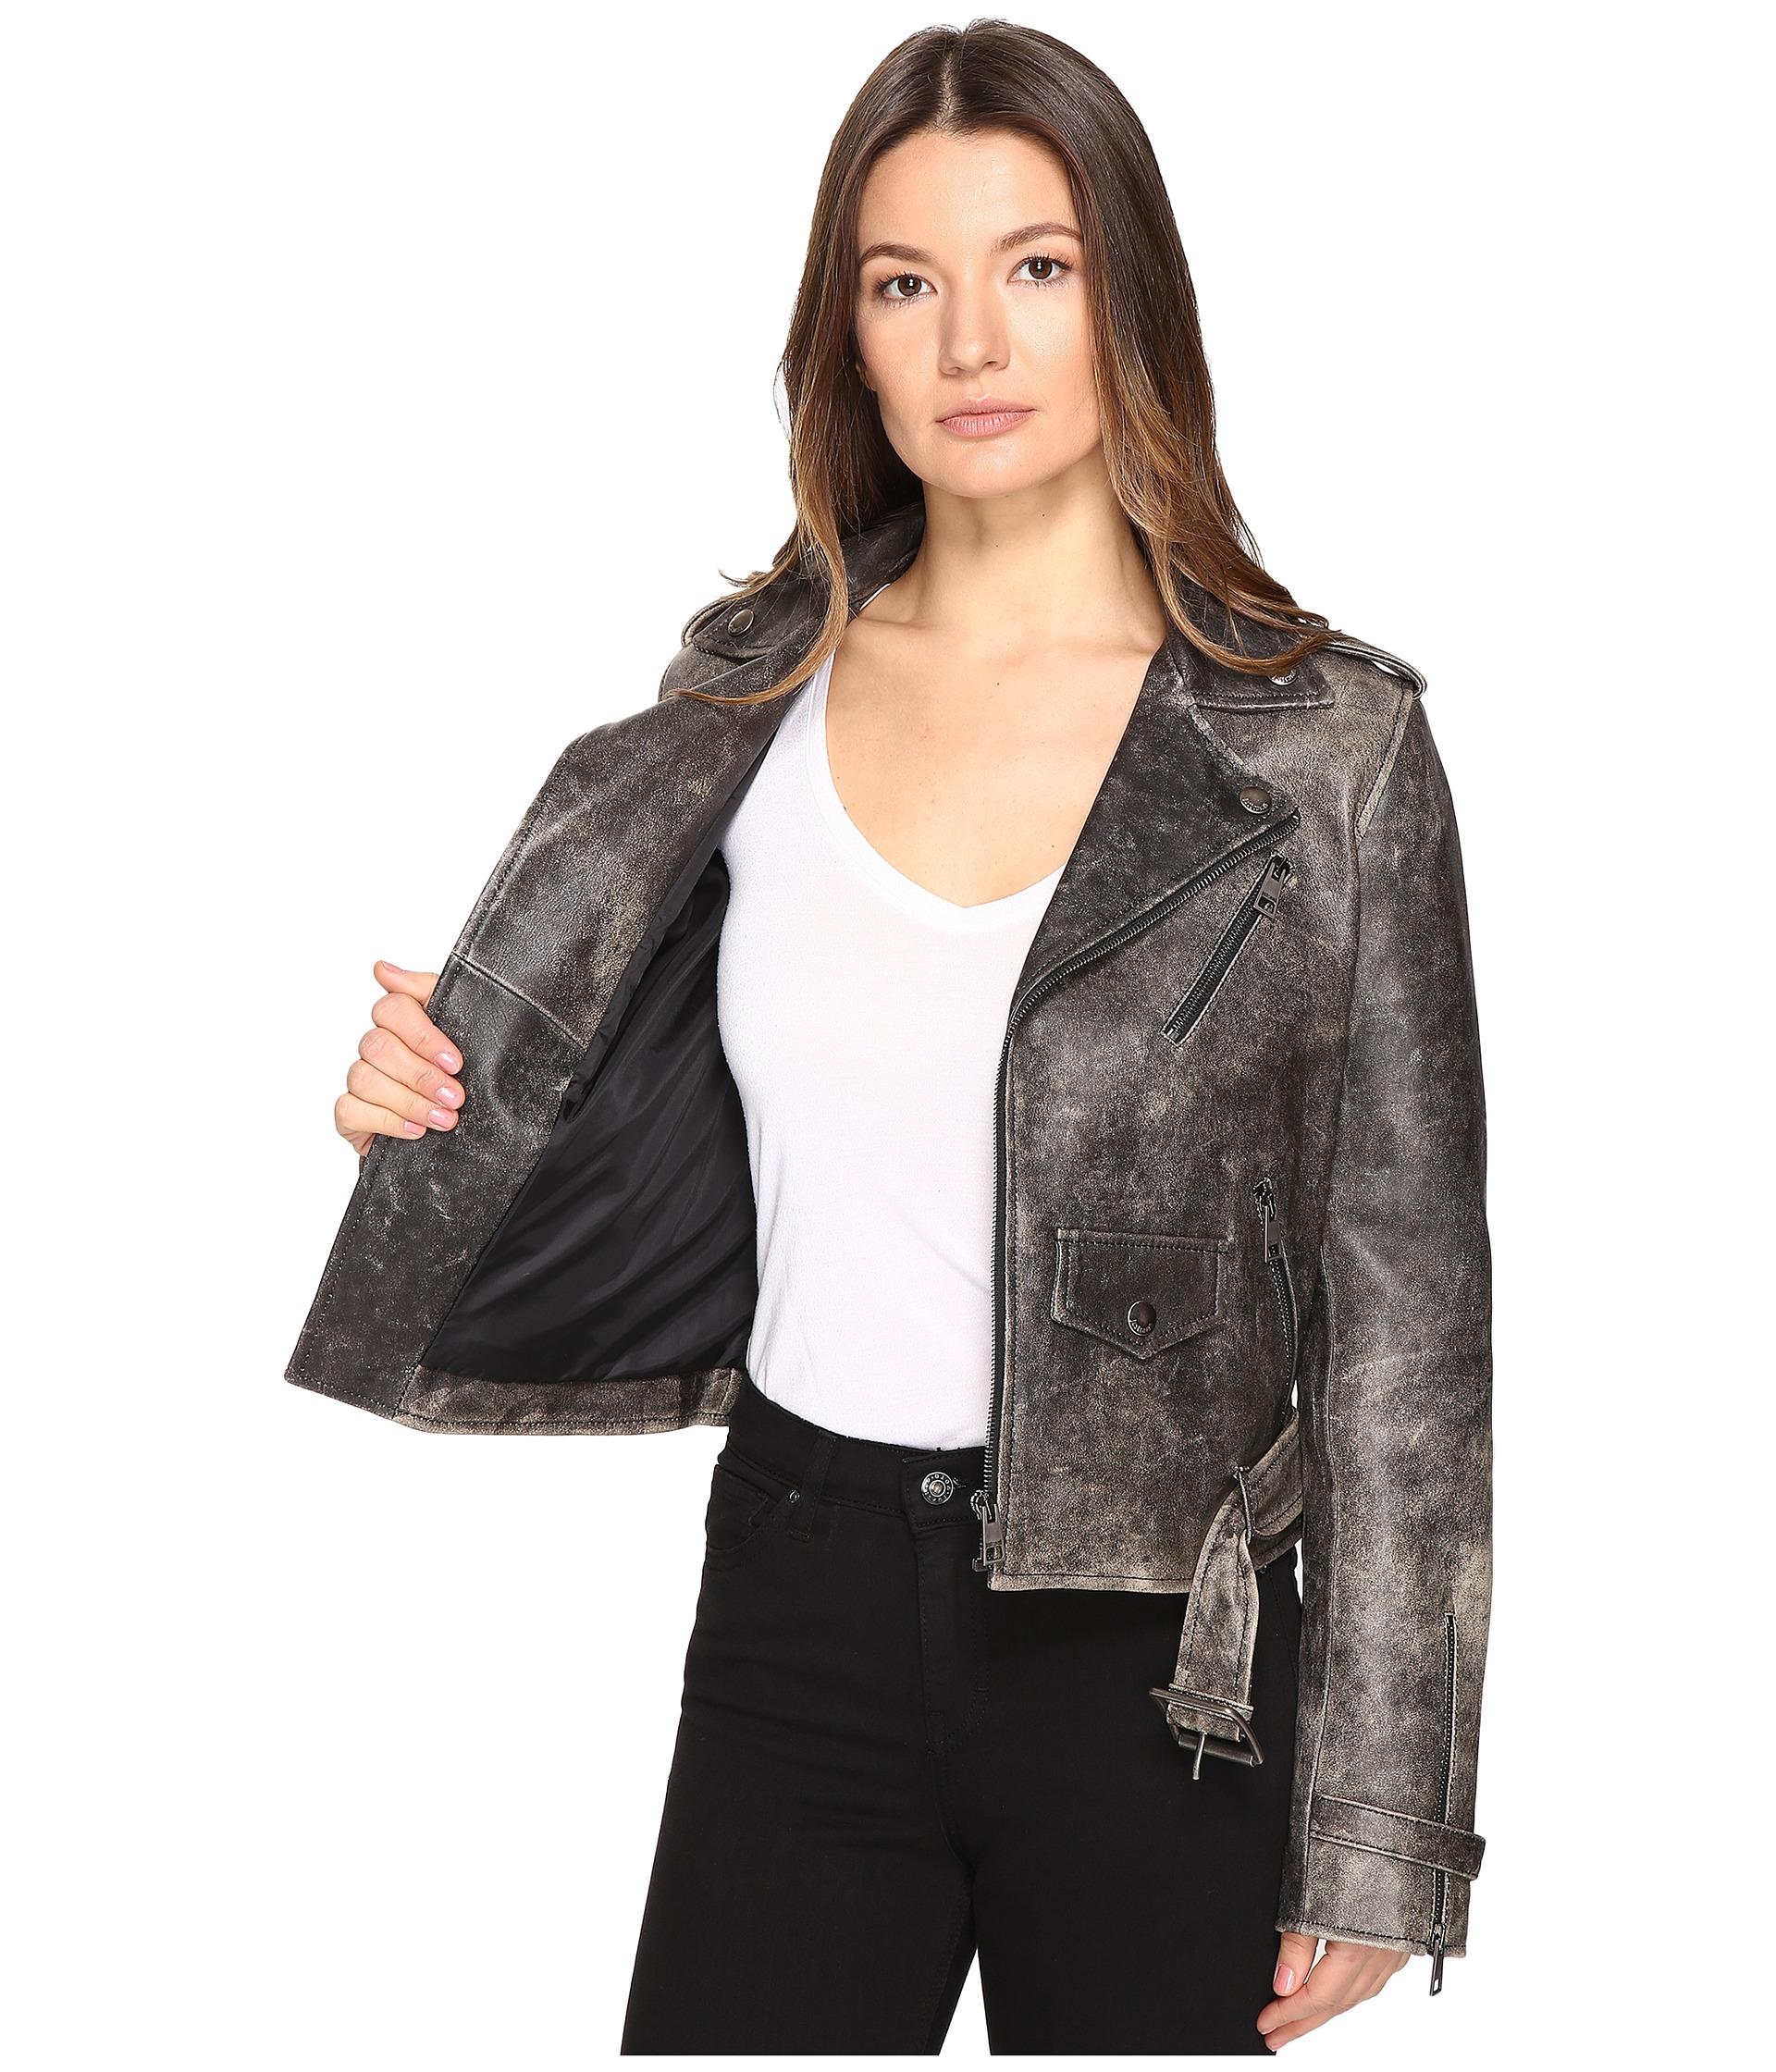 V rod leather jacket